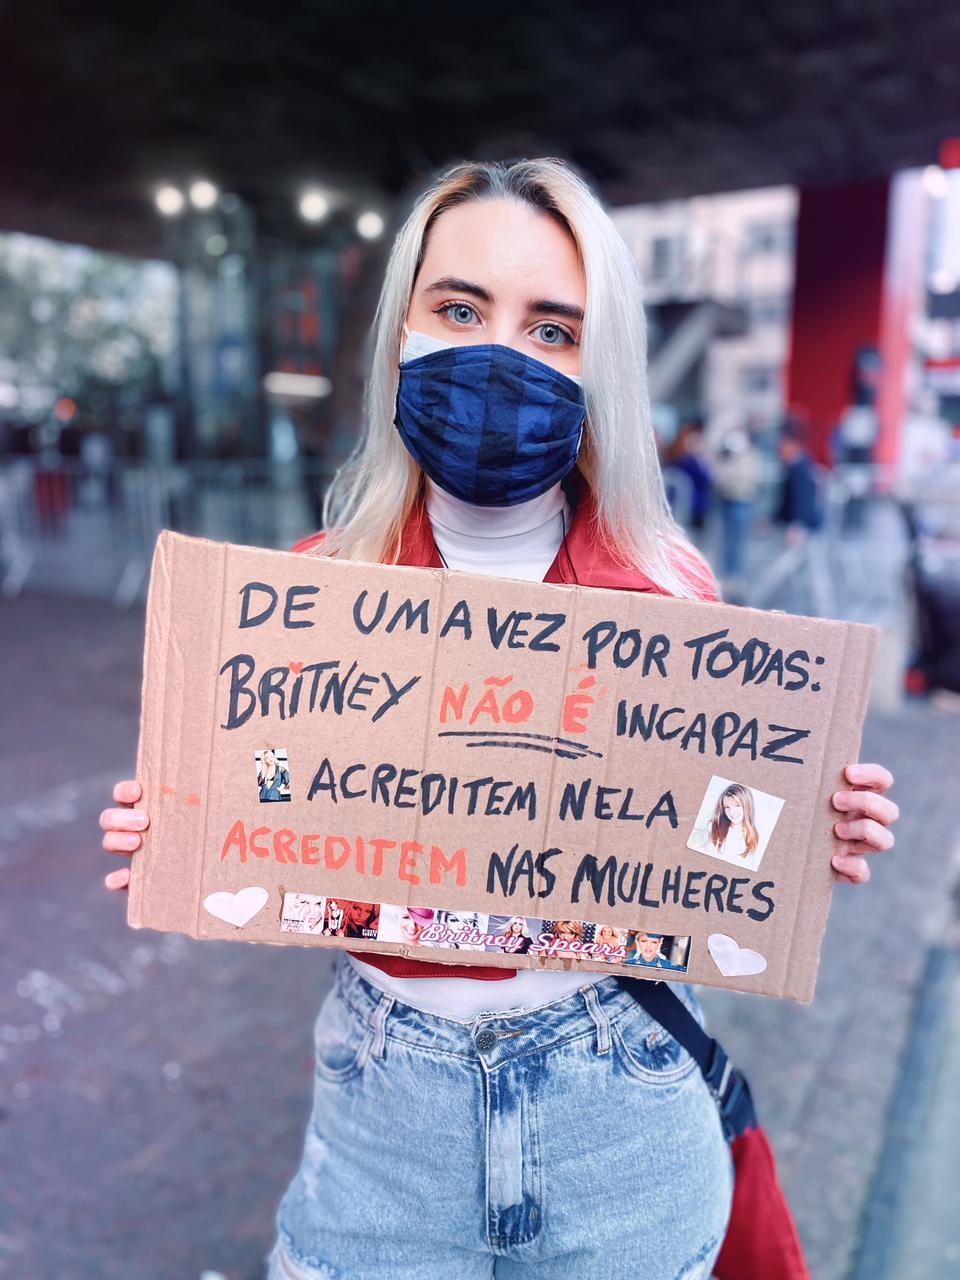 foto de mulher com cartaz nas manifestações a favor do movimento #freebritney, na Avenida Paulista